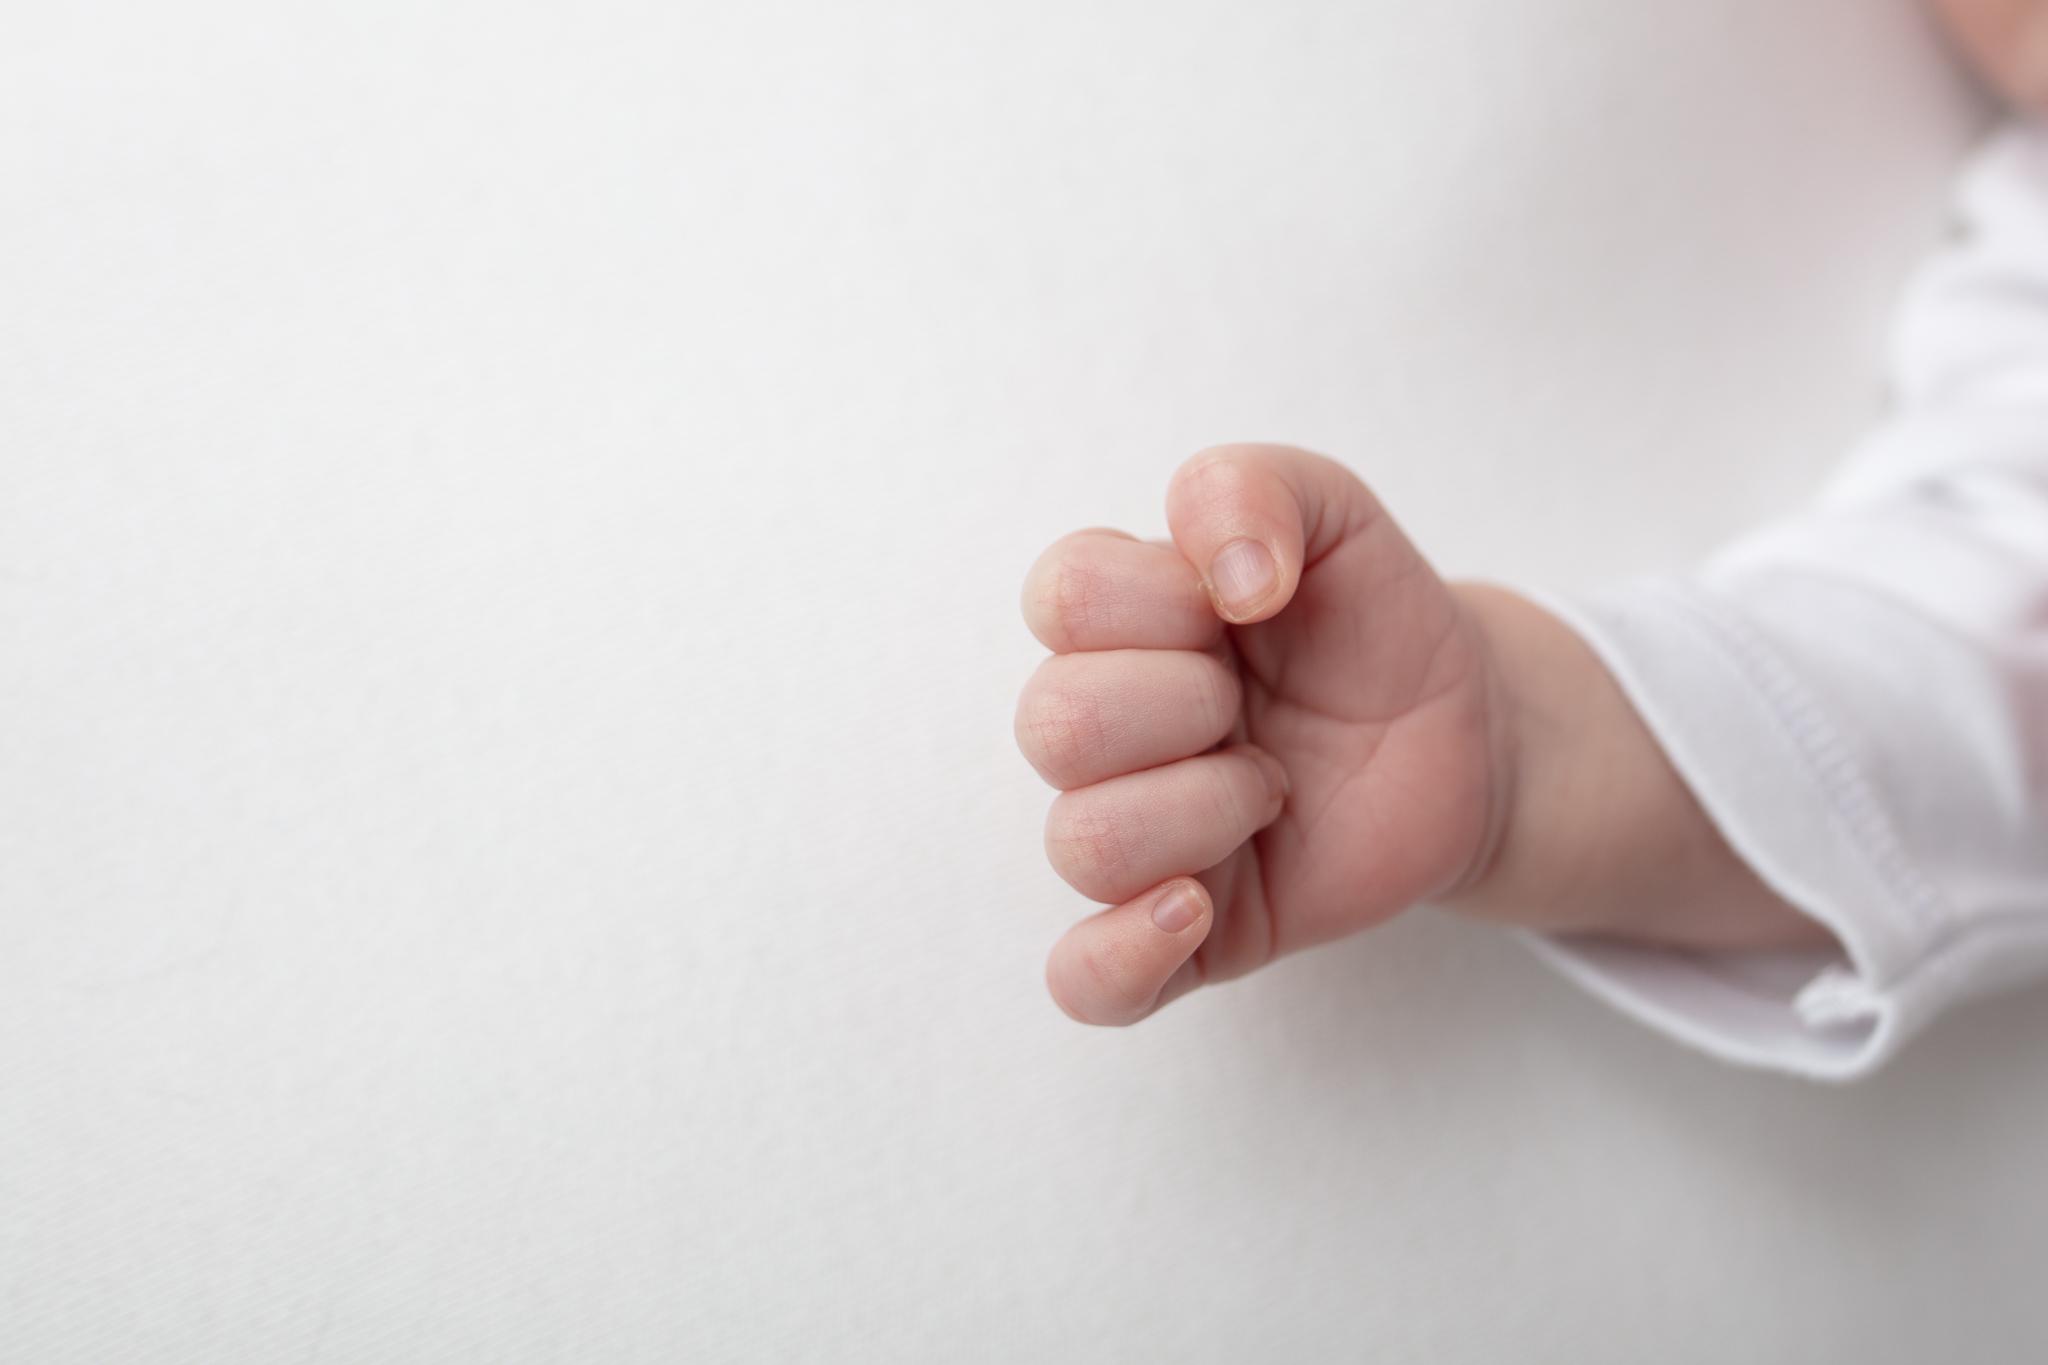 Newborn baby's tiny hand